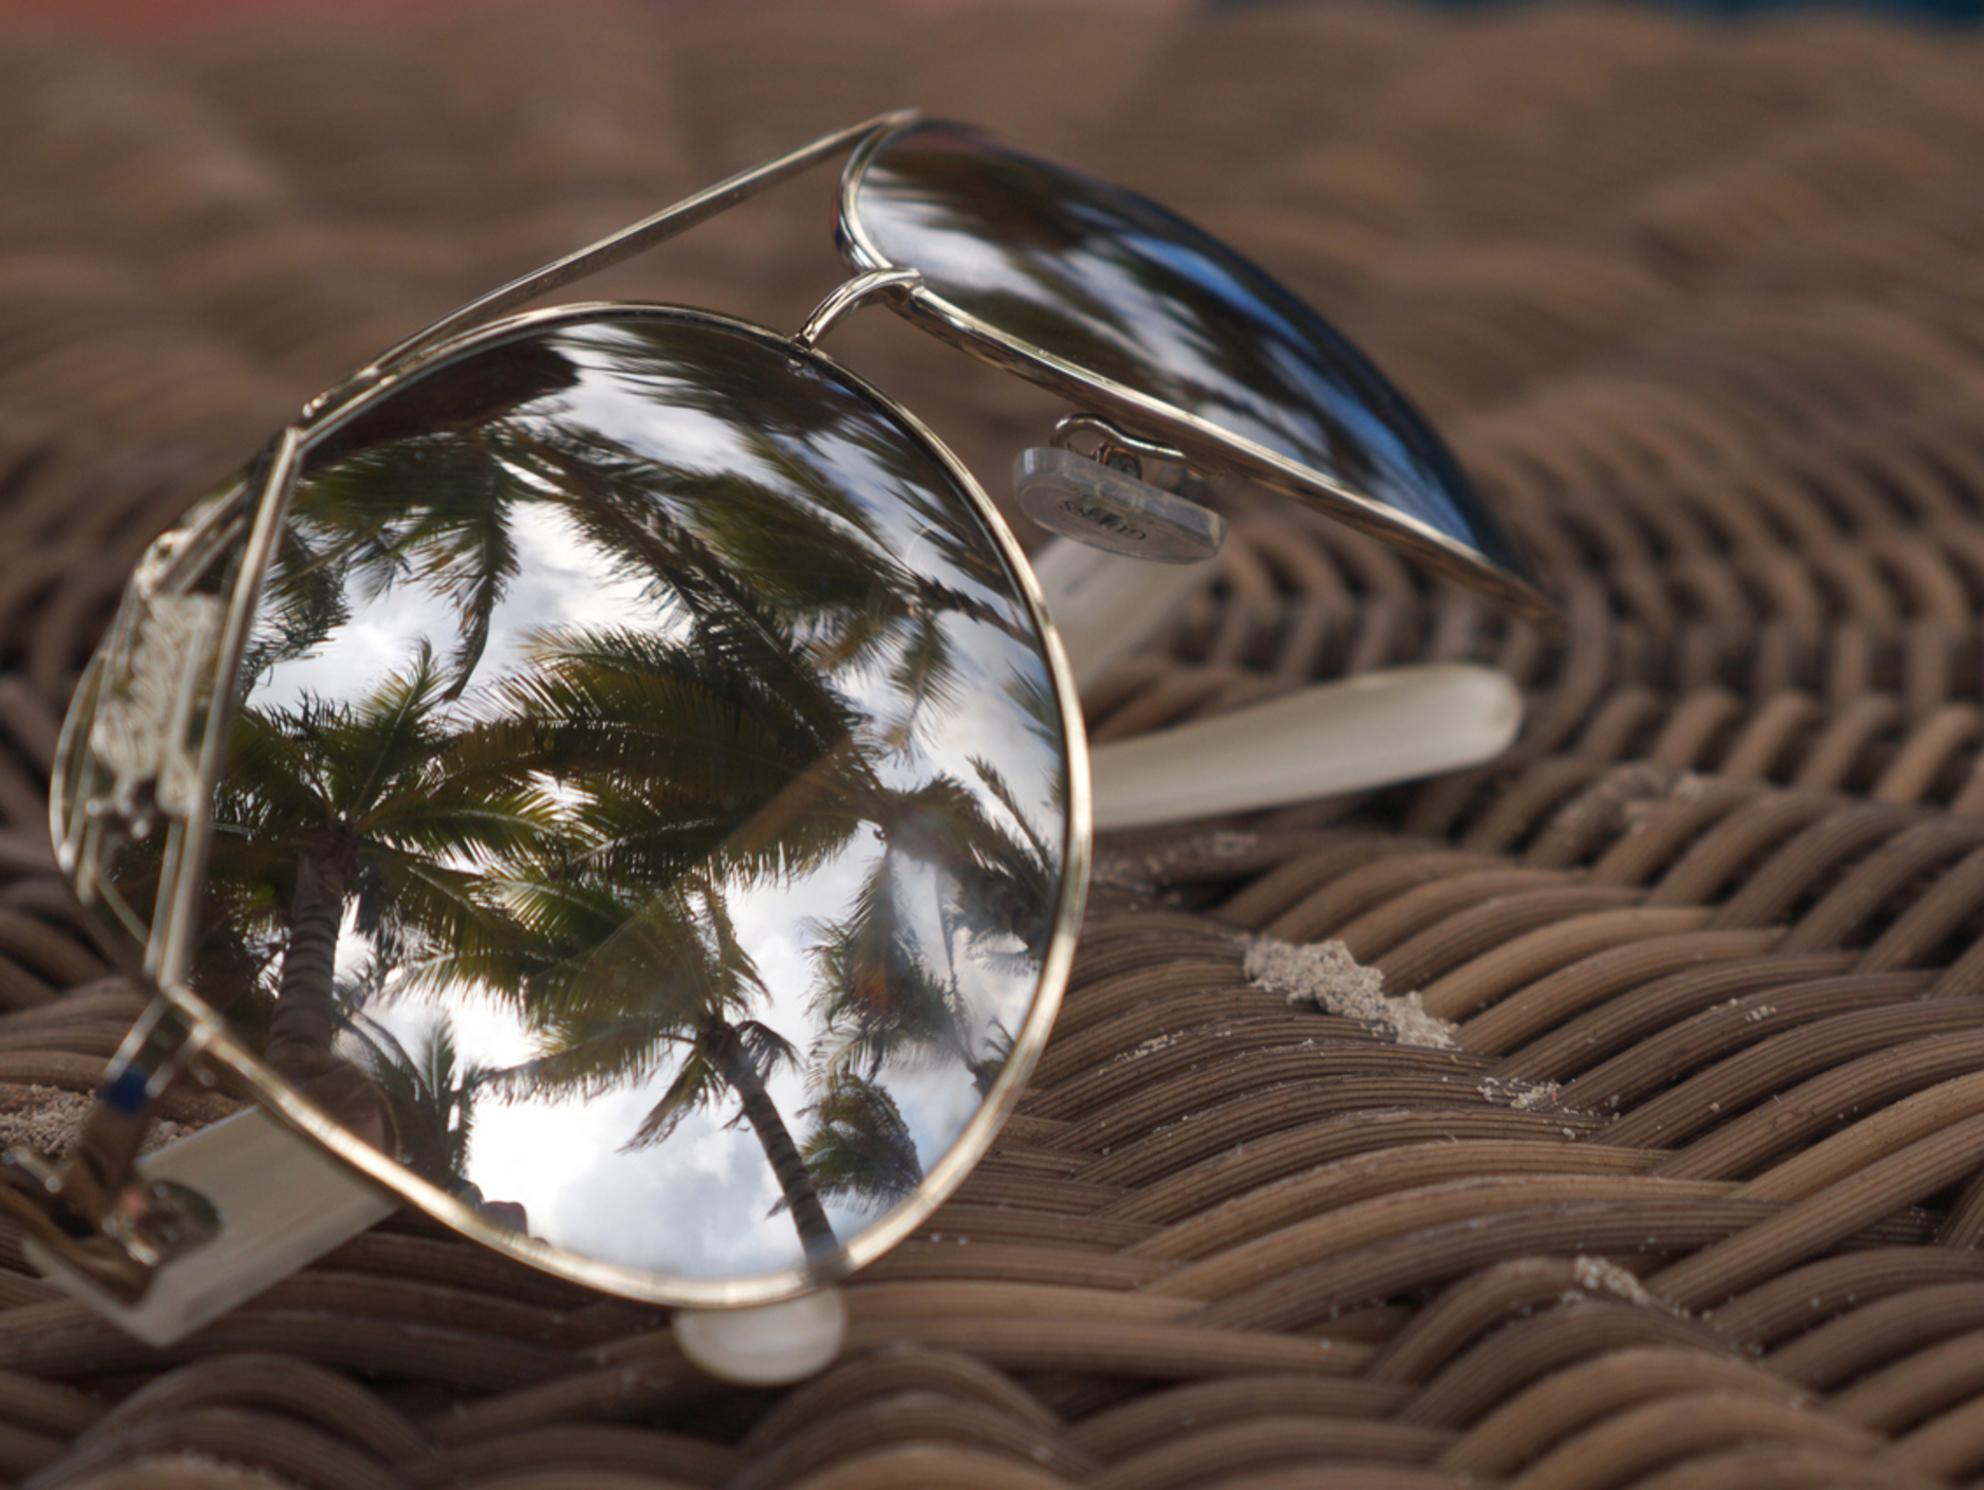 Vakantie reflectie - Op en top vakantiegevoel door de reflectie van de palmbomen in mijn zonnebril! - foto door MvRijbroek op 24-06-2015 - deze foto bevat: vakantie, reflectie, zomer, zonnebril, palmbomen, reisfotografie - Deze foto mag gebruikt worden in een Zoom.nl publicatie